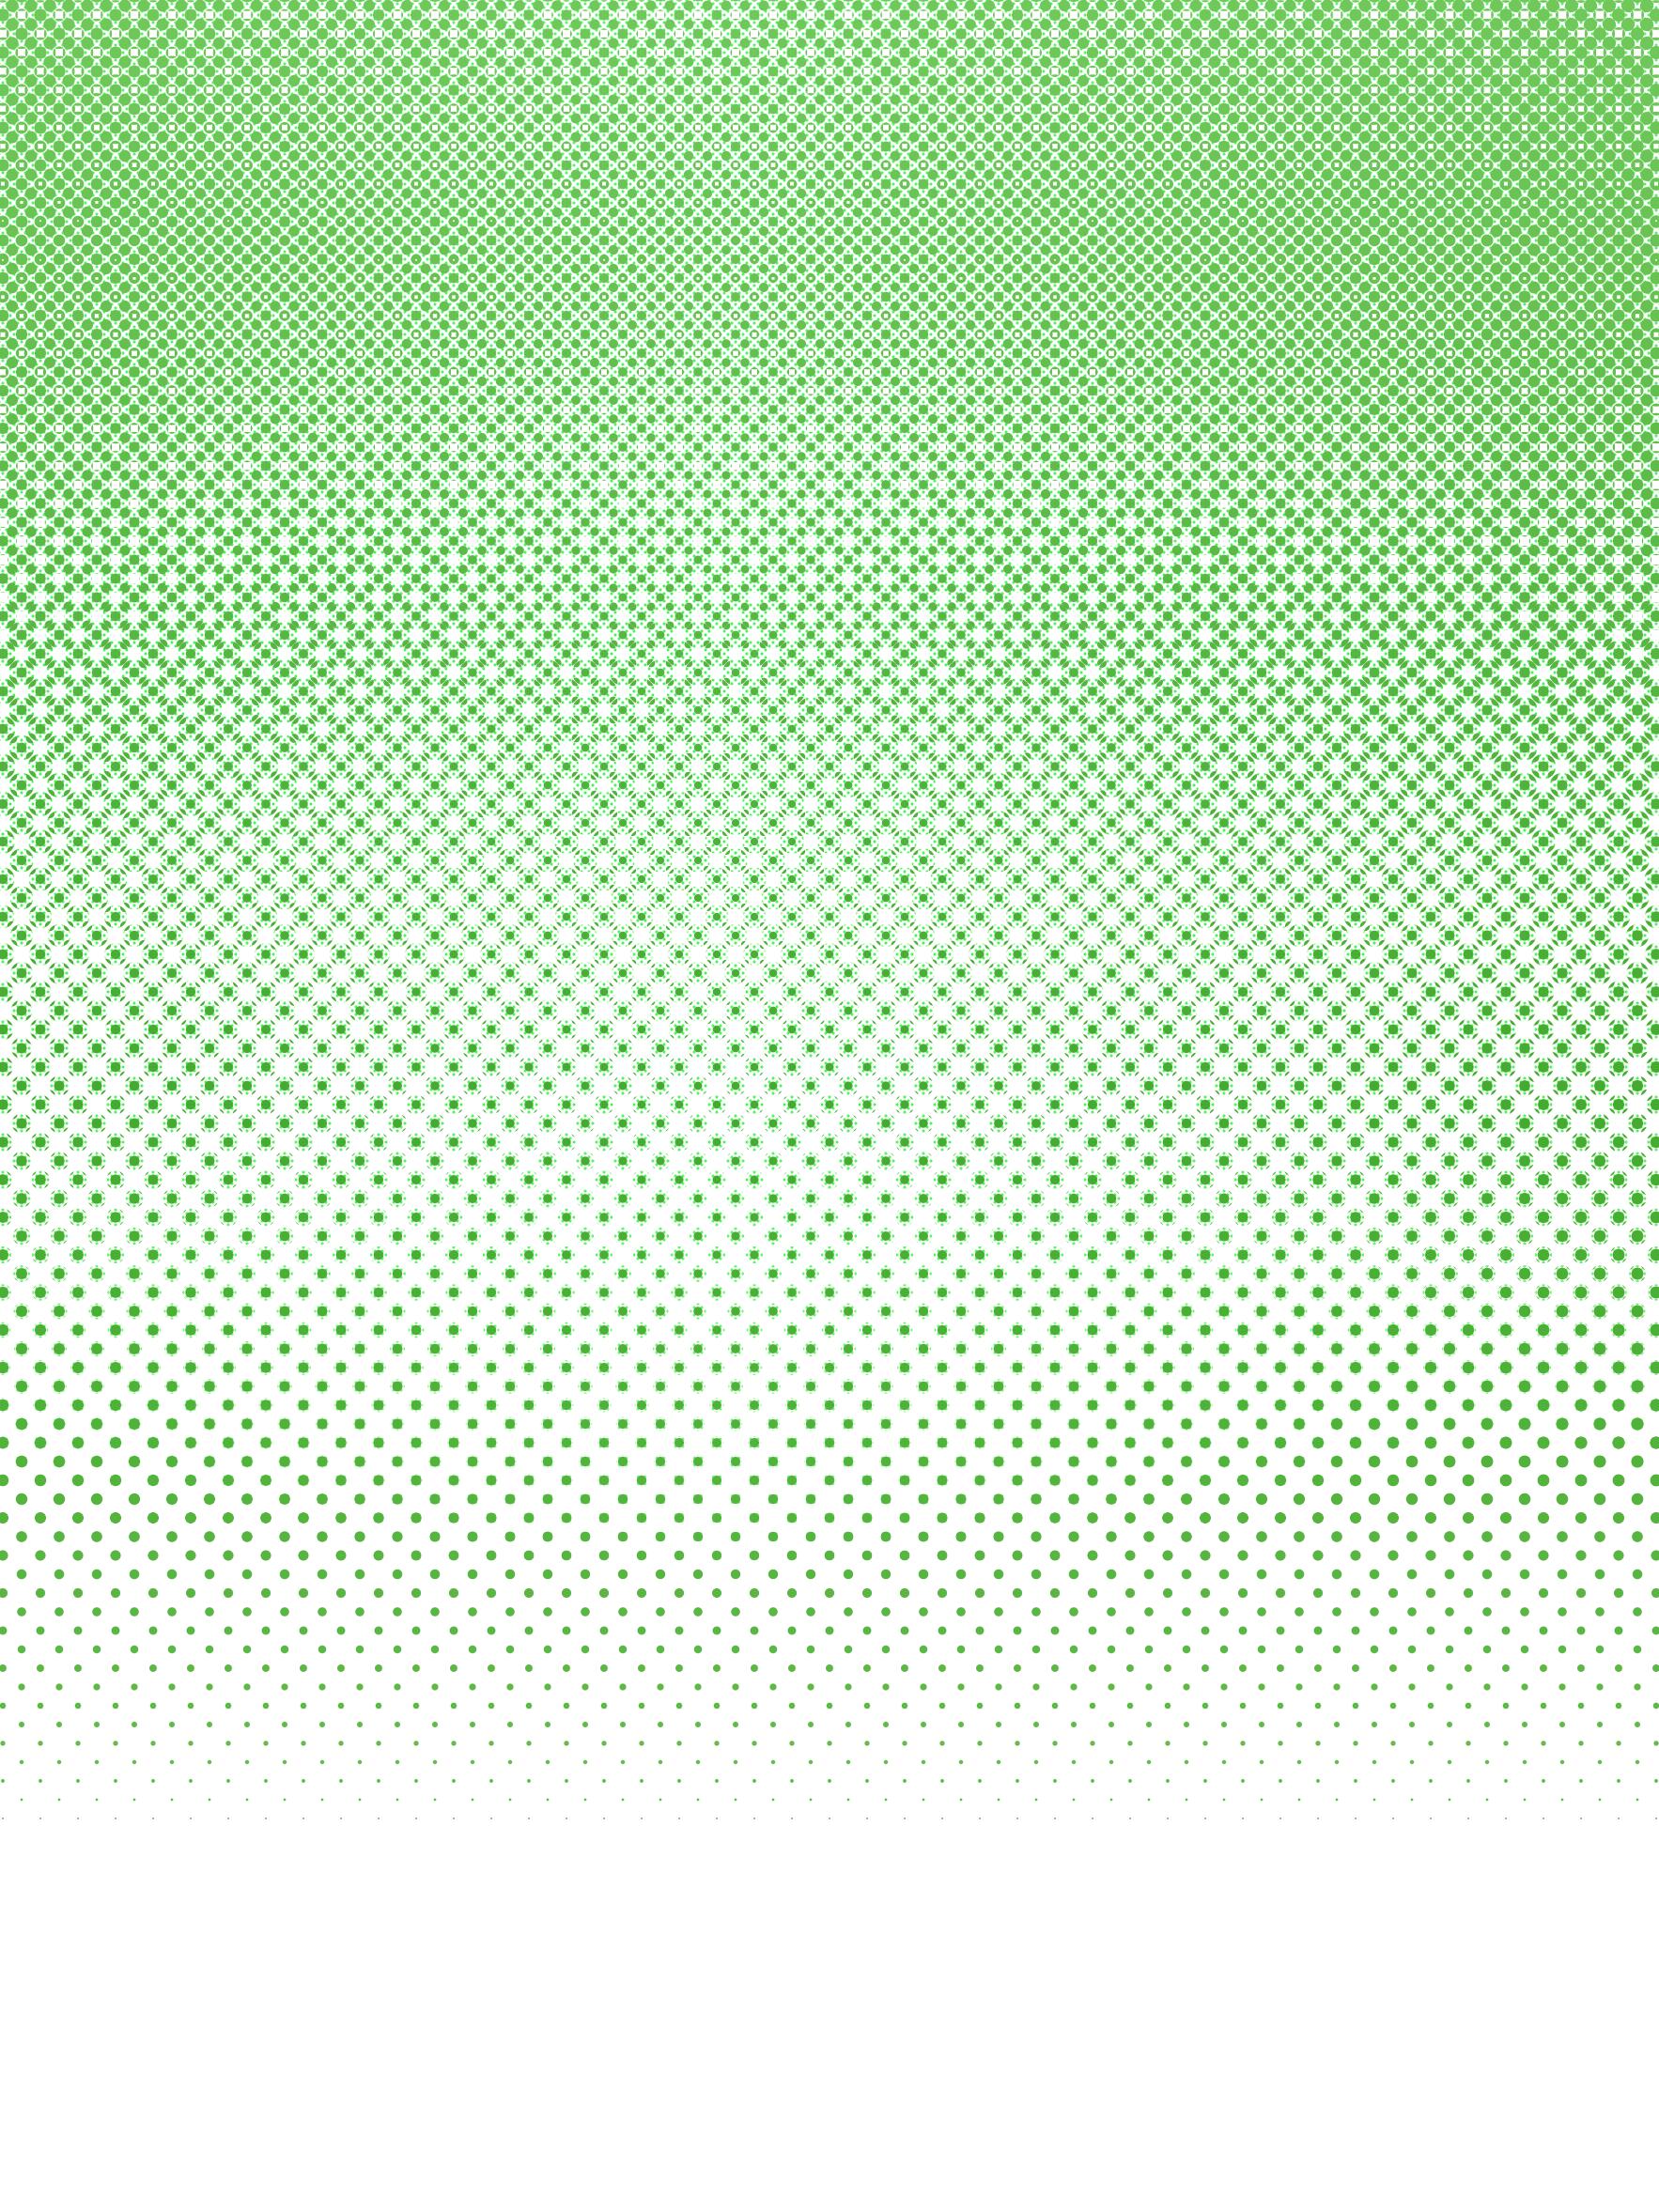 全iphone Ipad対応ドット壁紙 トーン ホワイトグリーン White Green